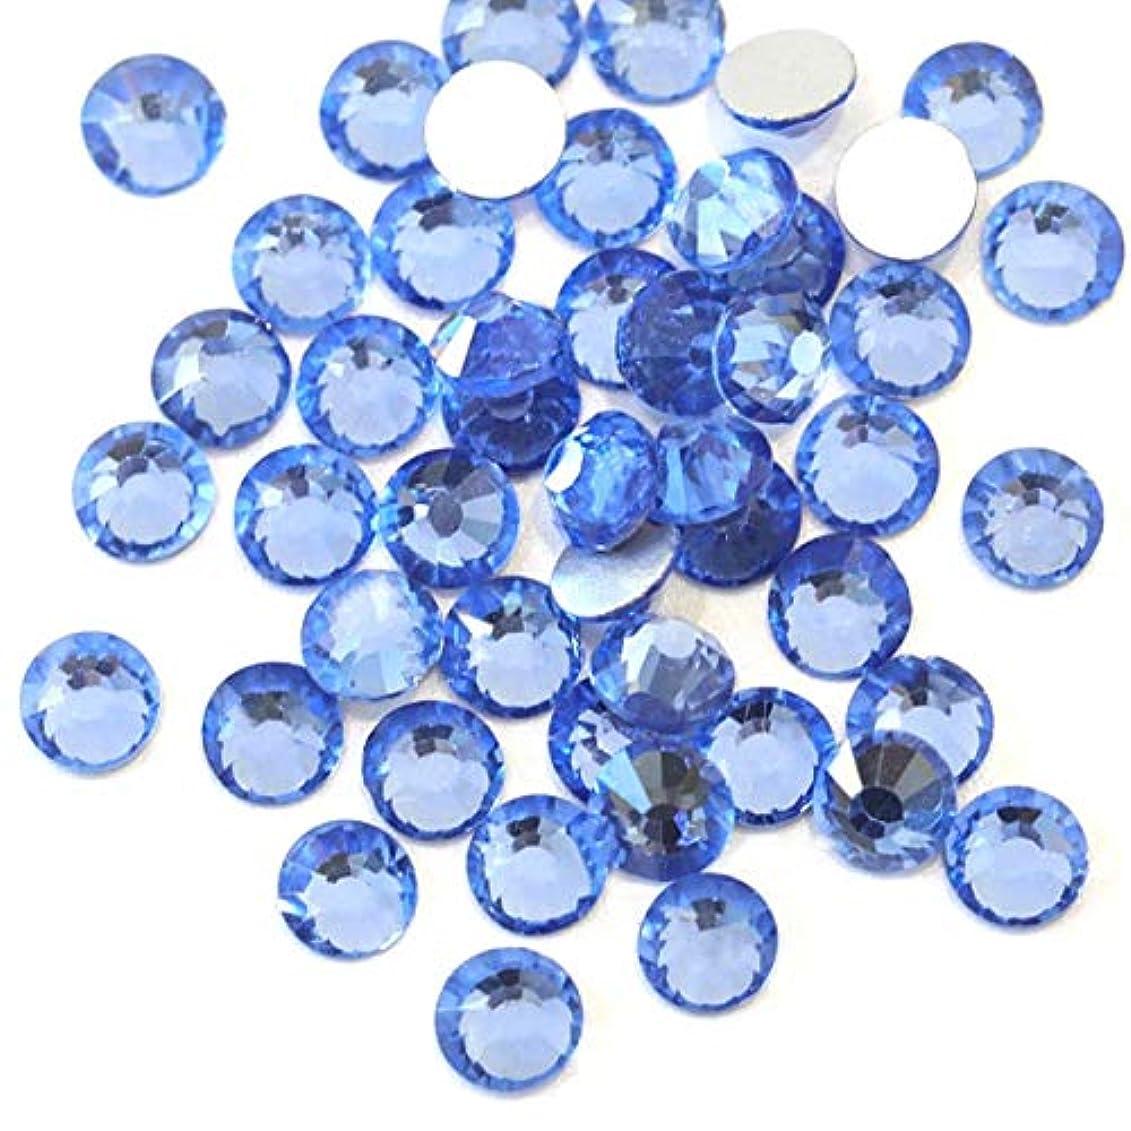 花スタジアムパイプ【ラインストーン77】高品質ガラス製ラインストーン ライトサファイア(1.7mm (SS5) 約200粒)